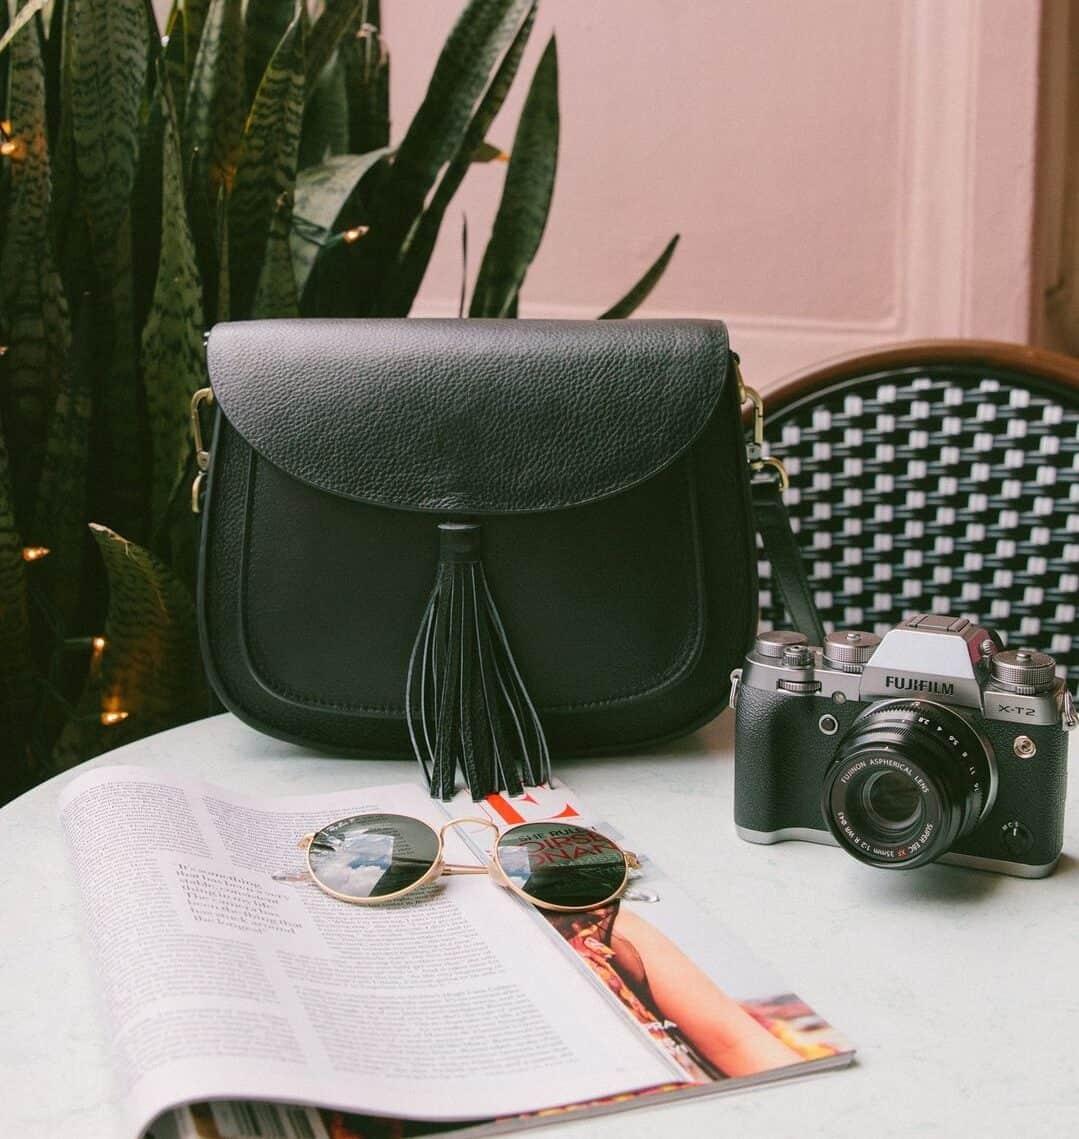 Lola Noir Gatta sac appareil photo femme